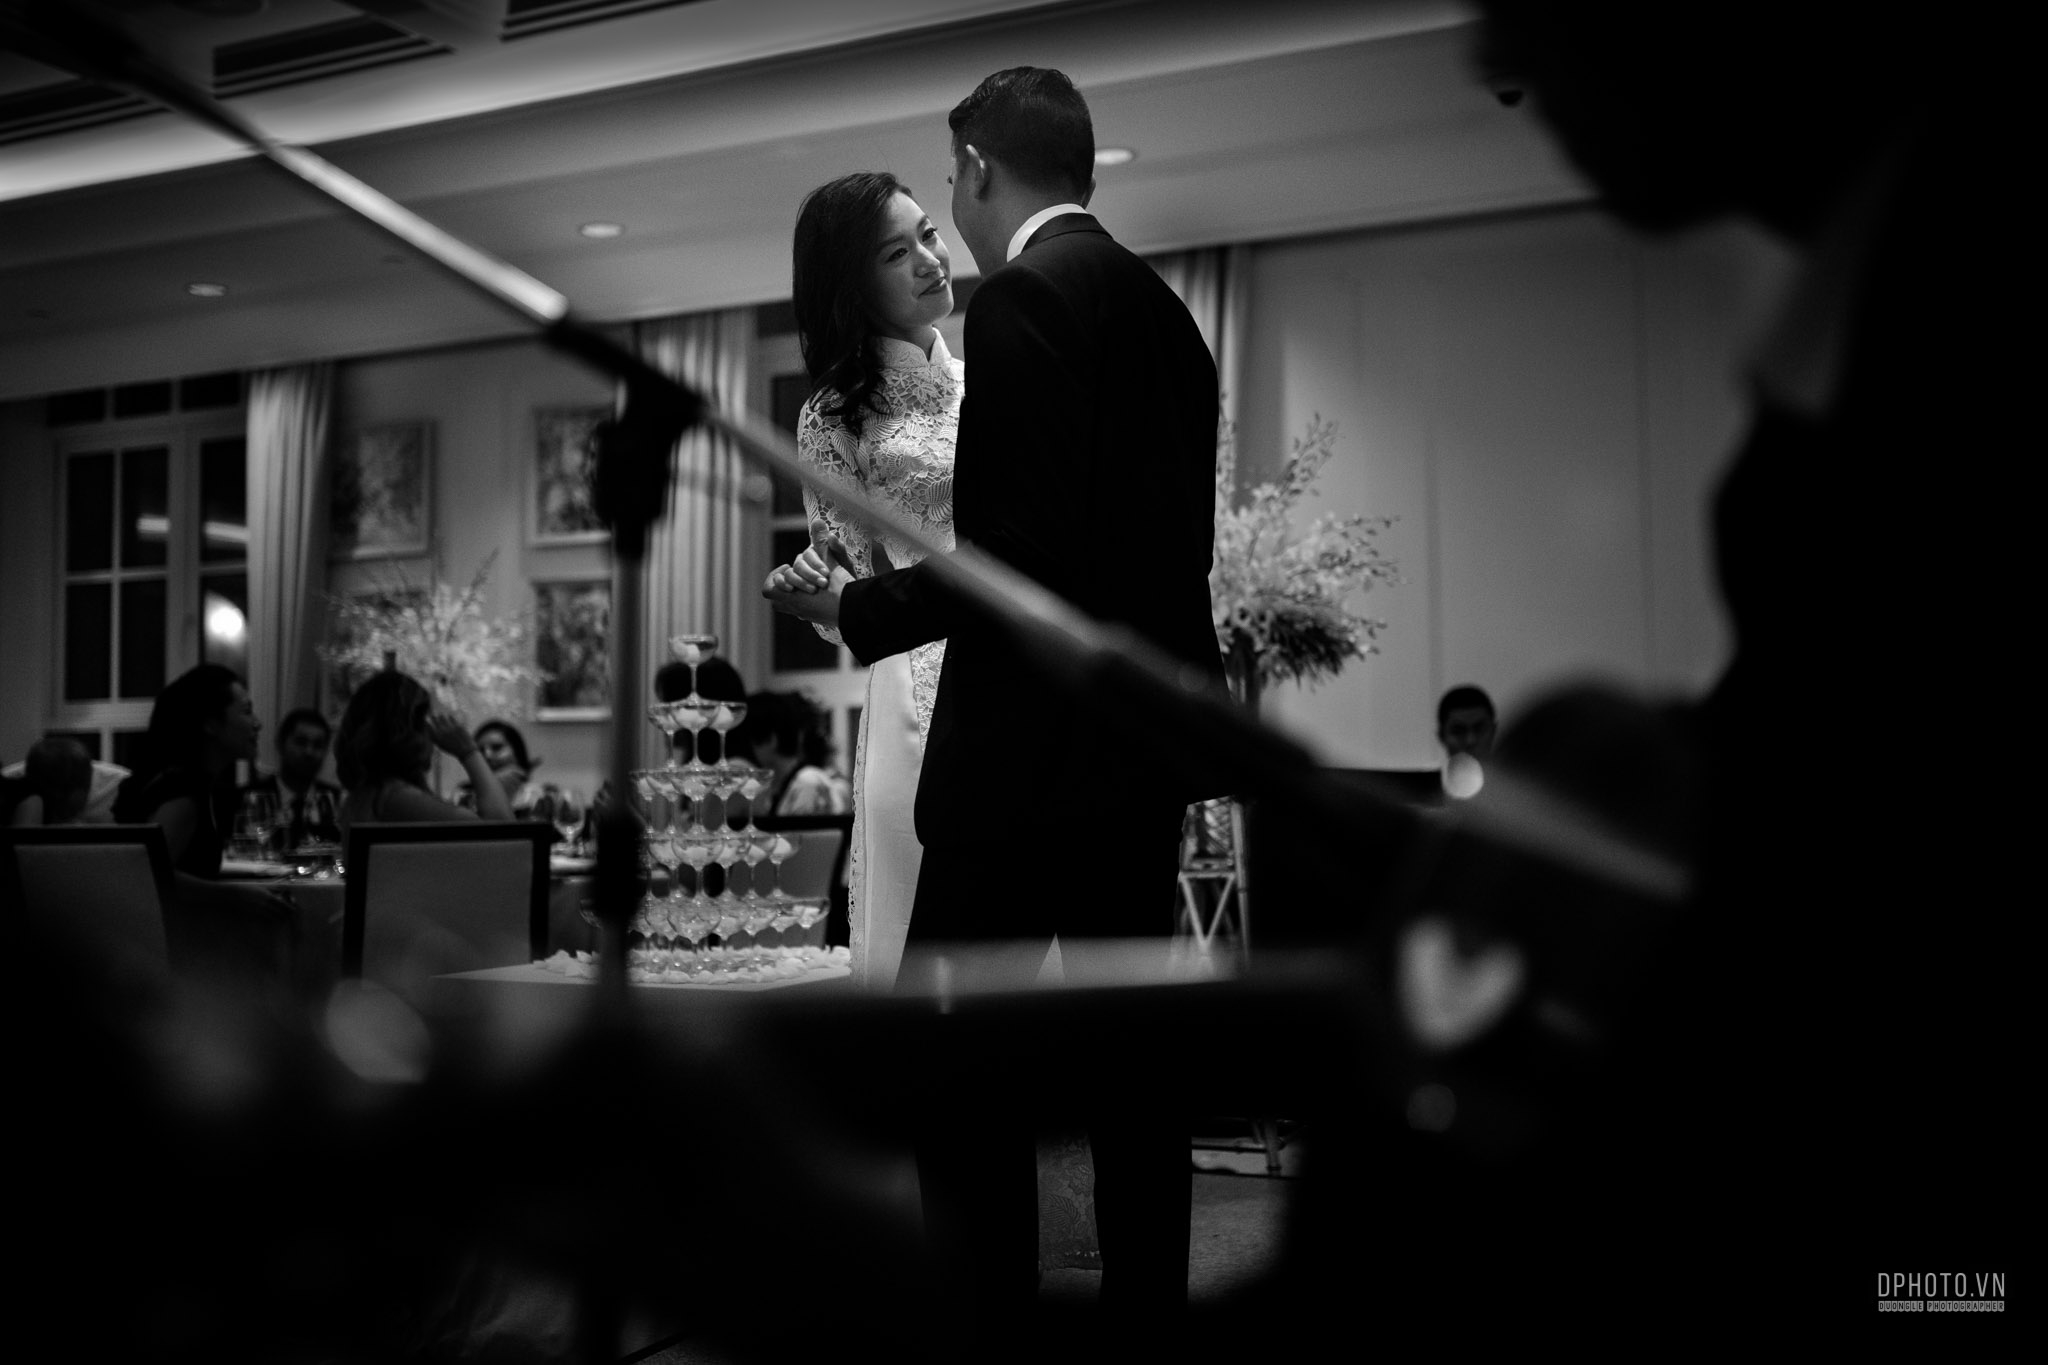 saigon_wedding_photography-45